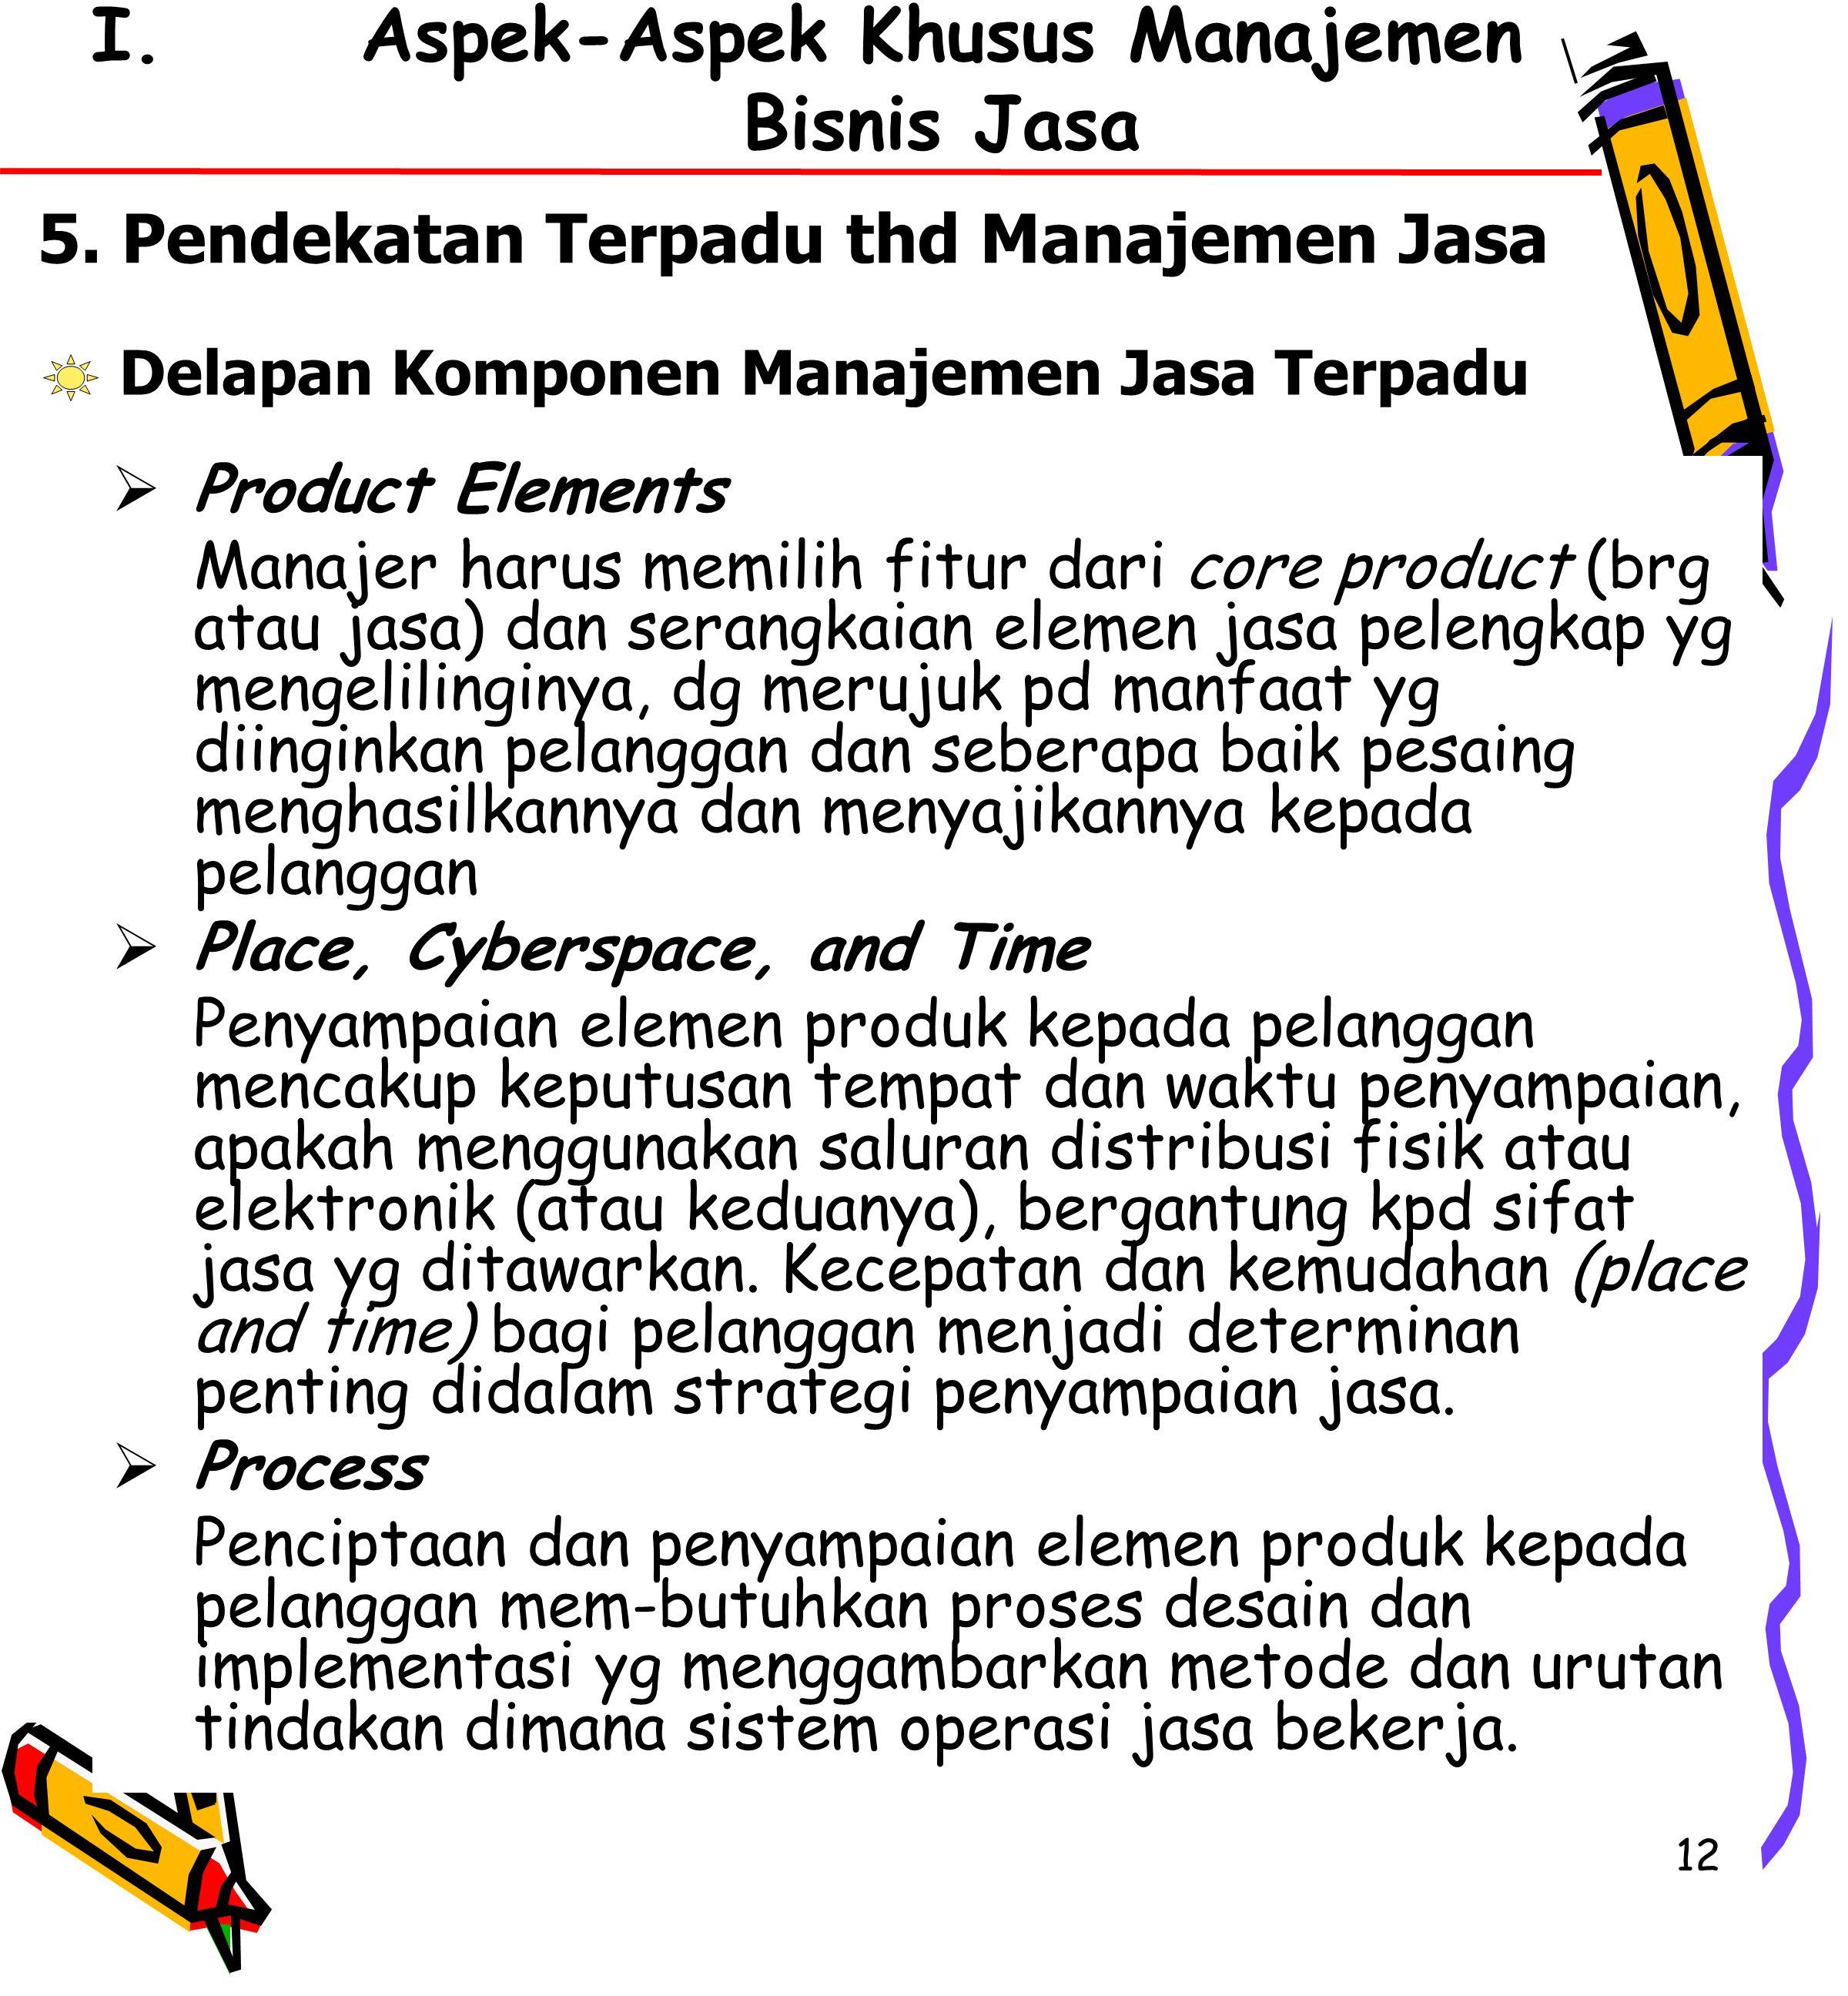 Aspek-Aspek Khusus Manajemen Bisnis Jasa